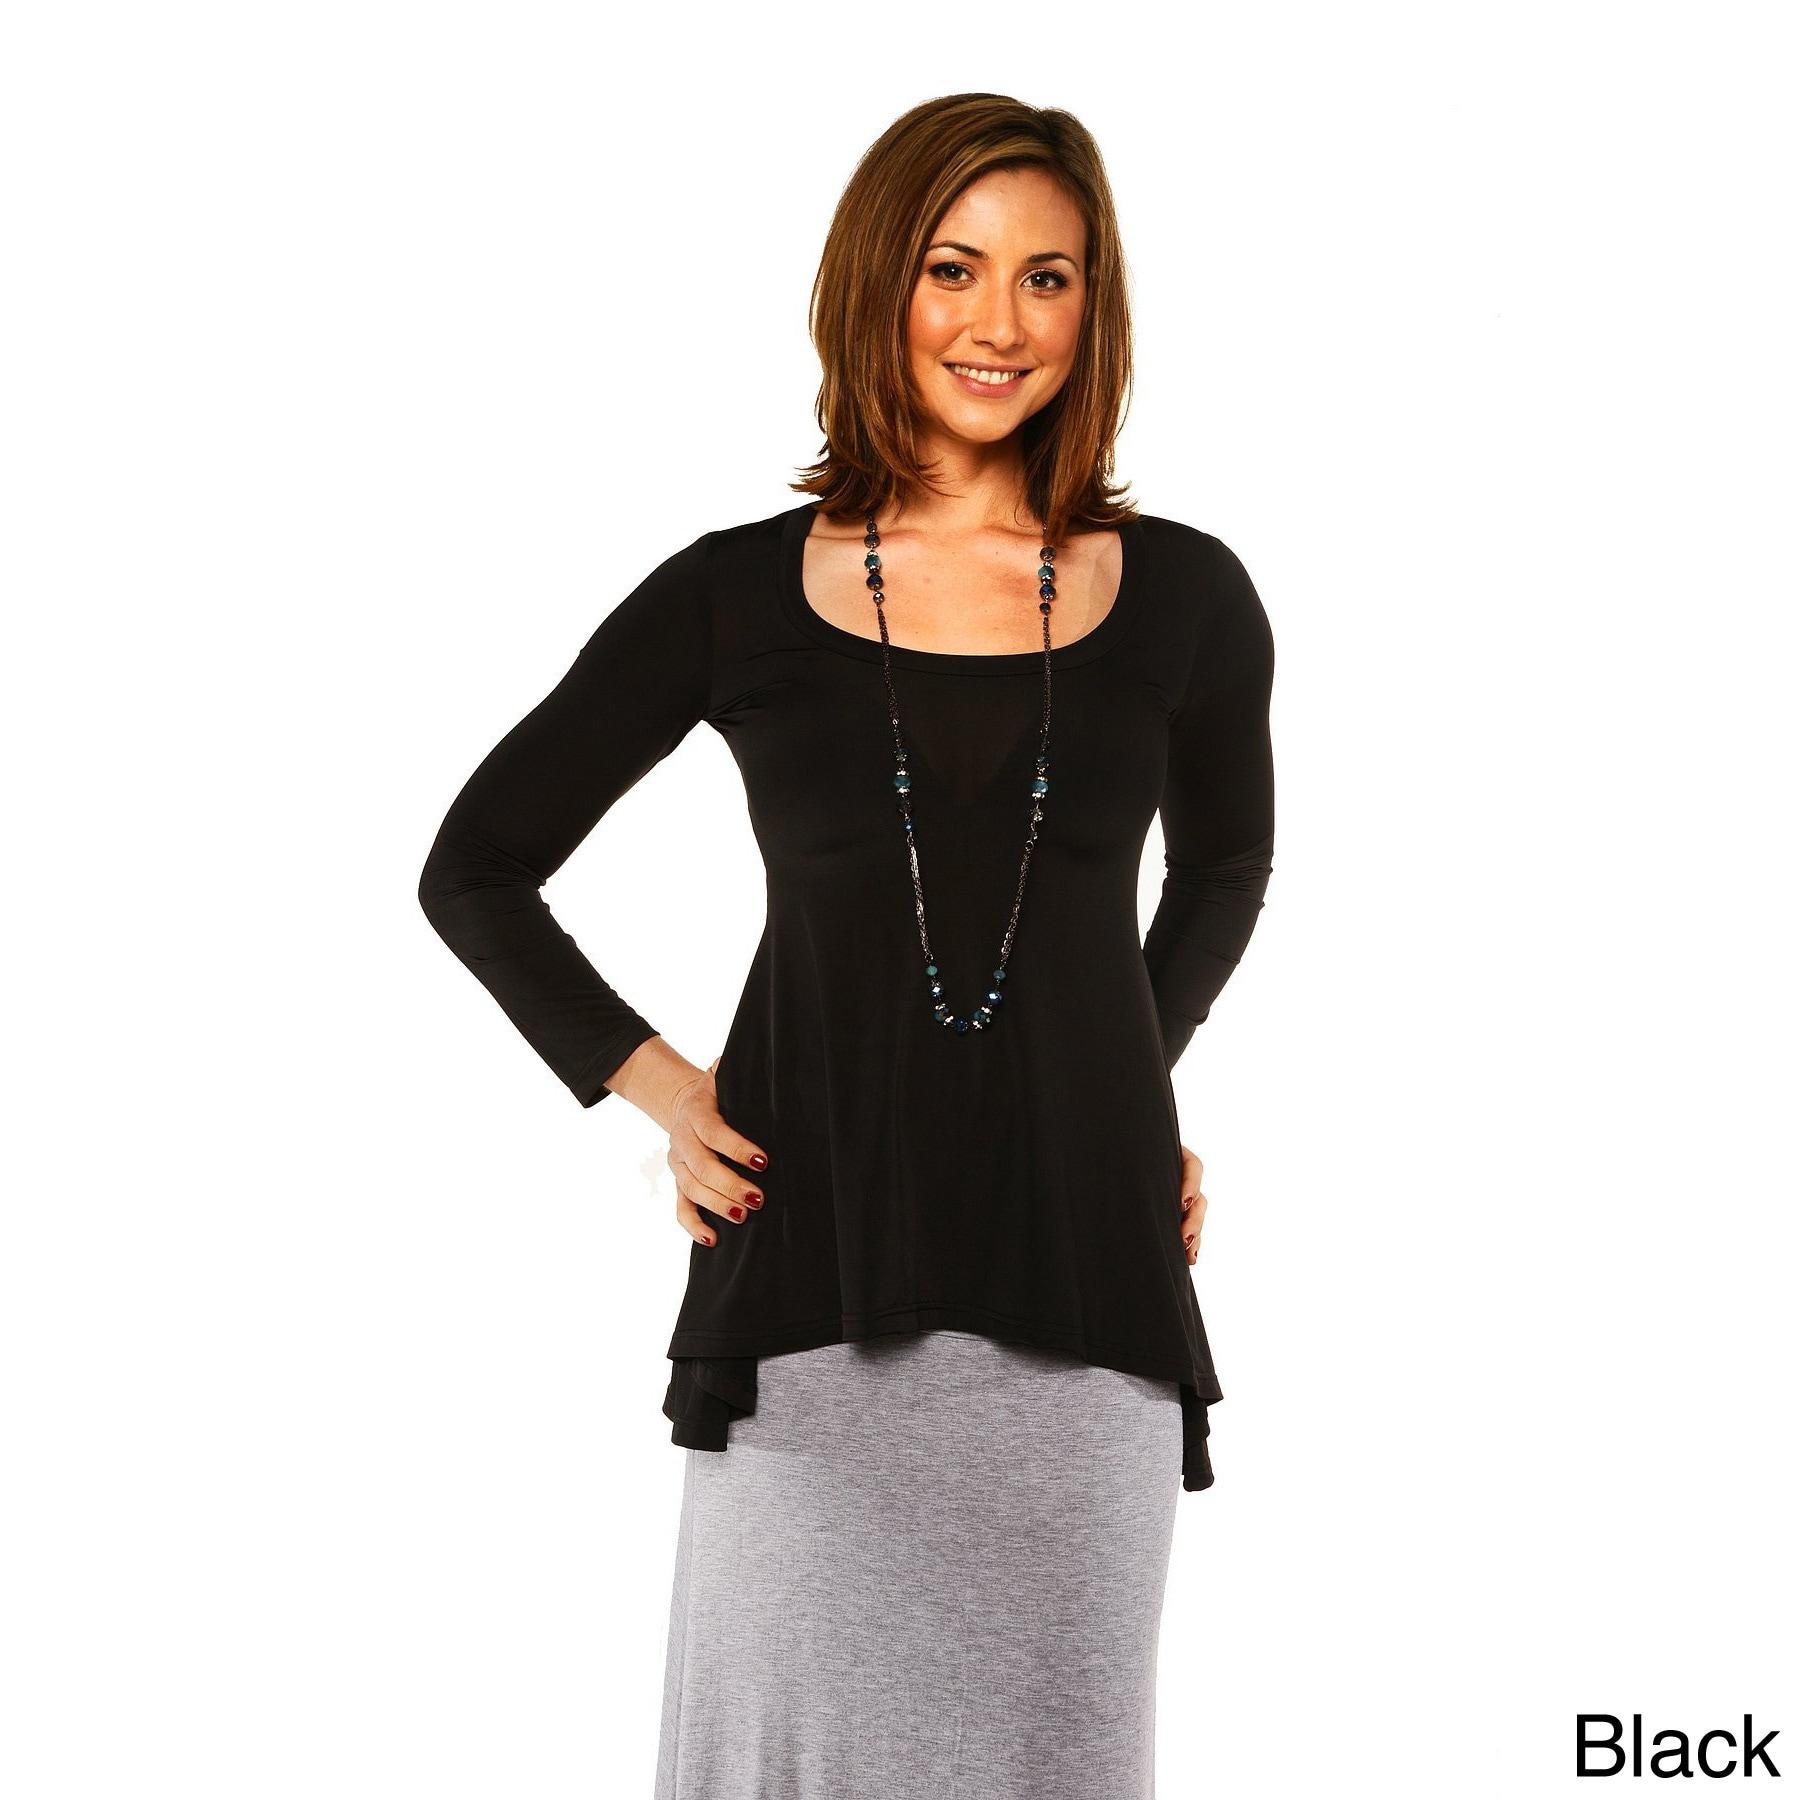 BLACK-S-BLACK-M-BLACK-L-BLACK-XL-BLACK-1XL-BLACK-2XL-BLACK-3XL-24-7 ...